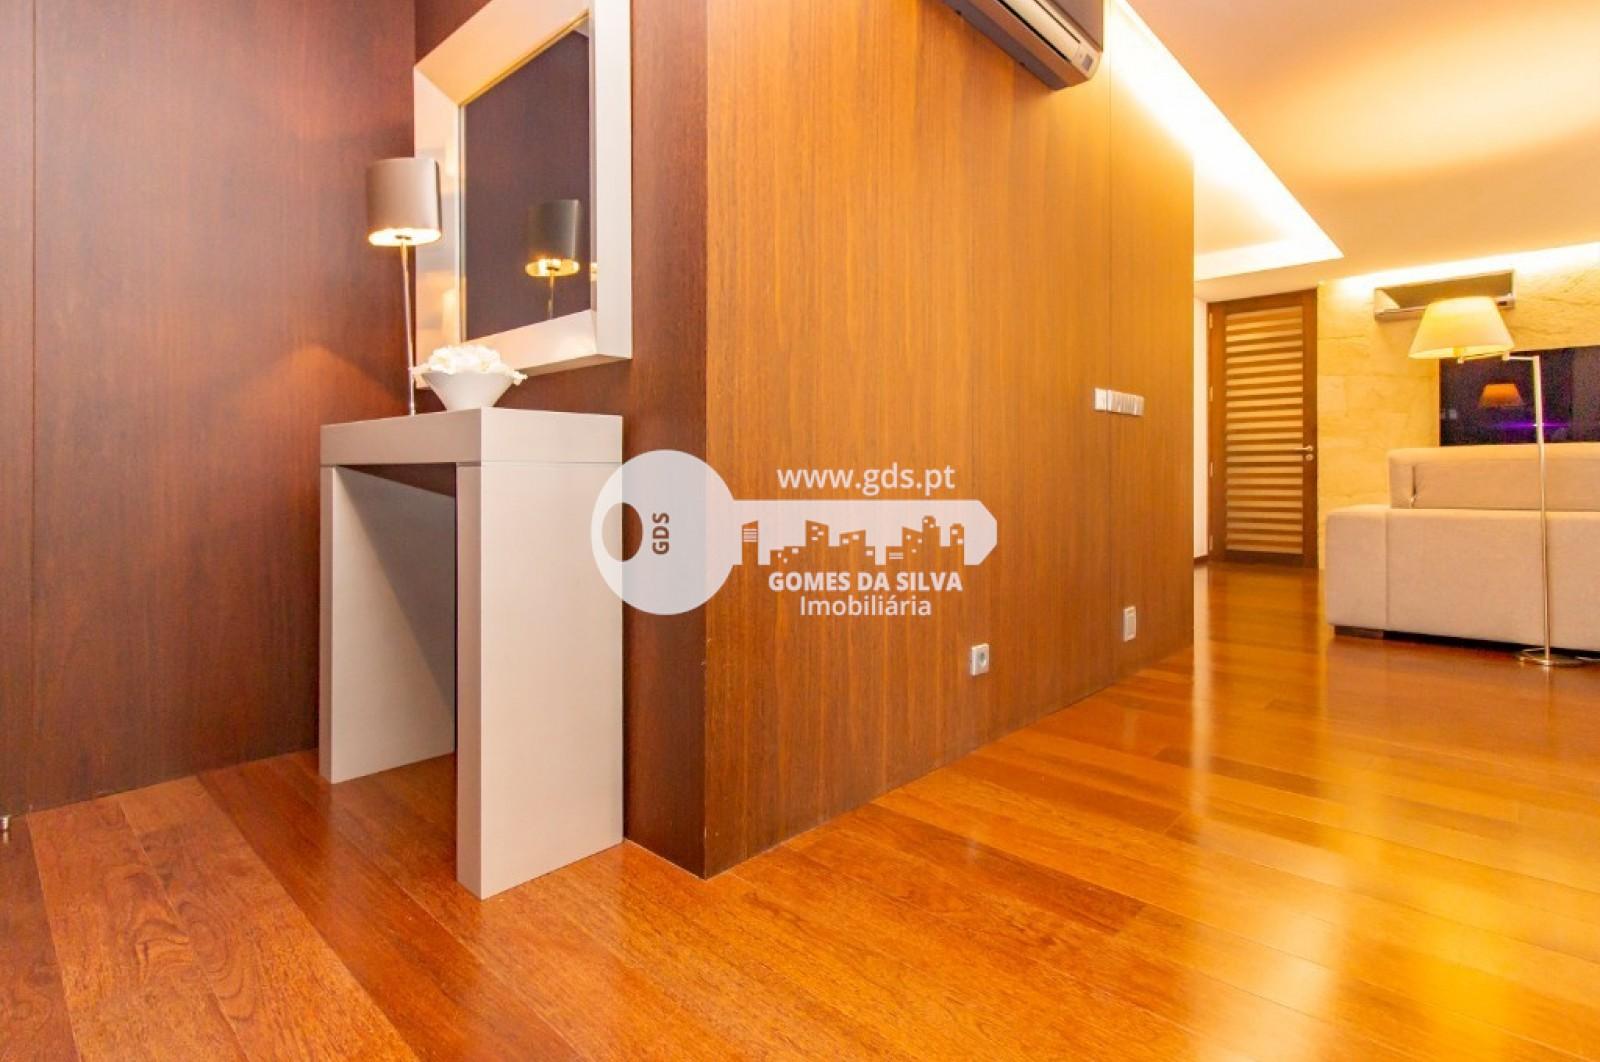 Apartamento T3 para Venda em Nogueira, Fraião e Lamaçães, Braga, Braga - Imagem 8